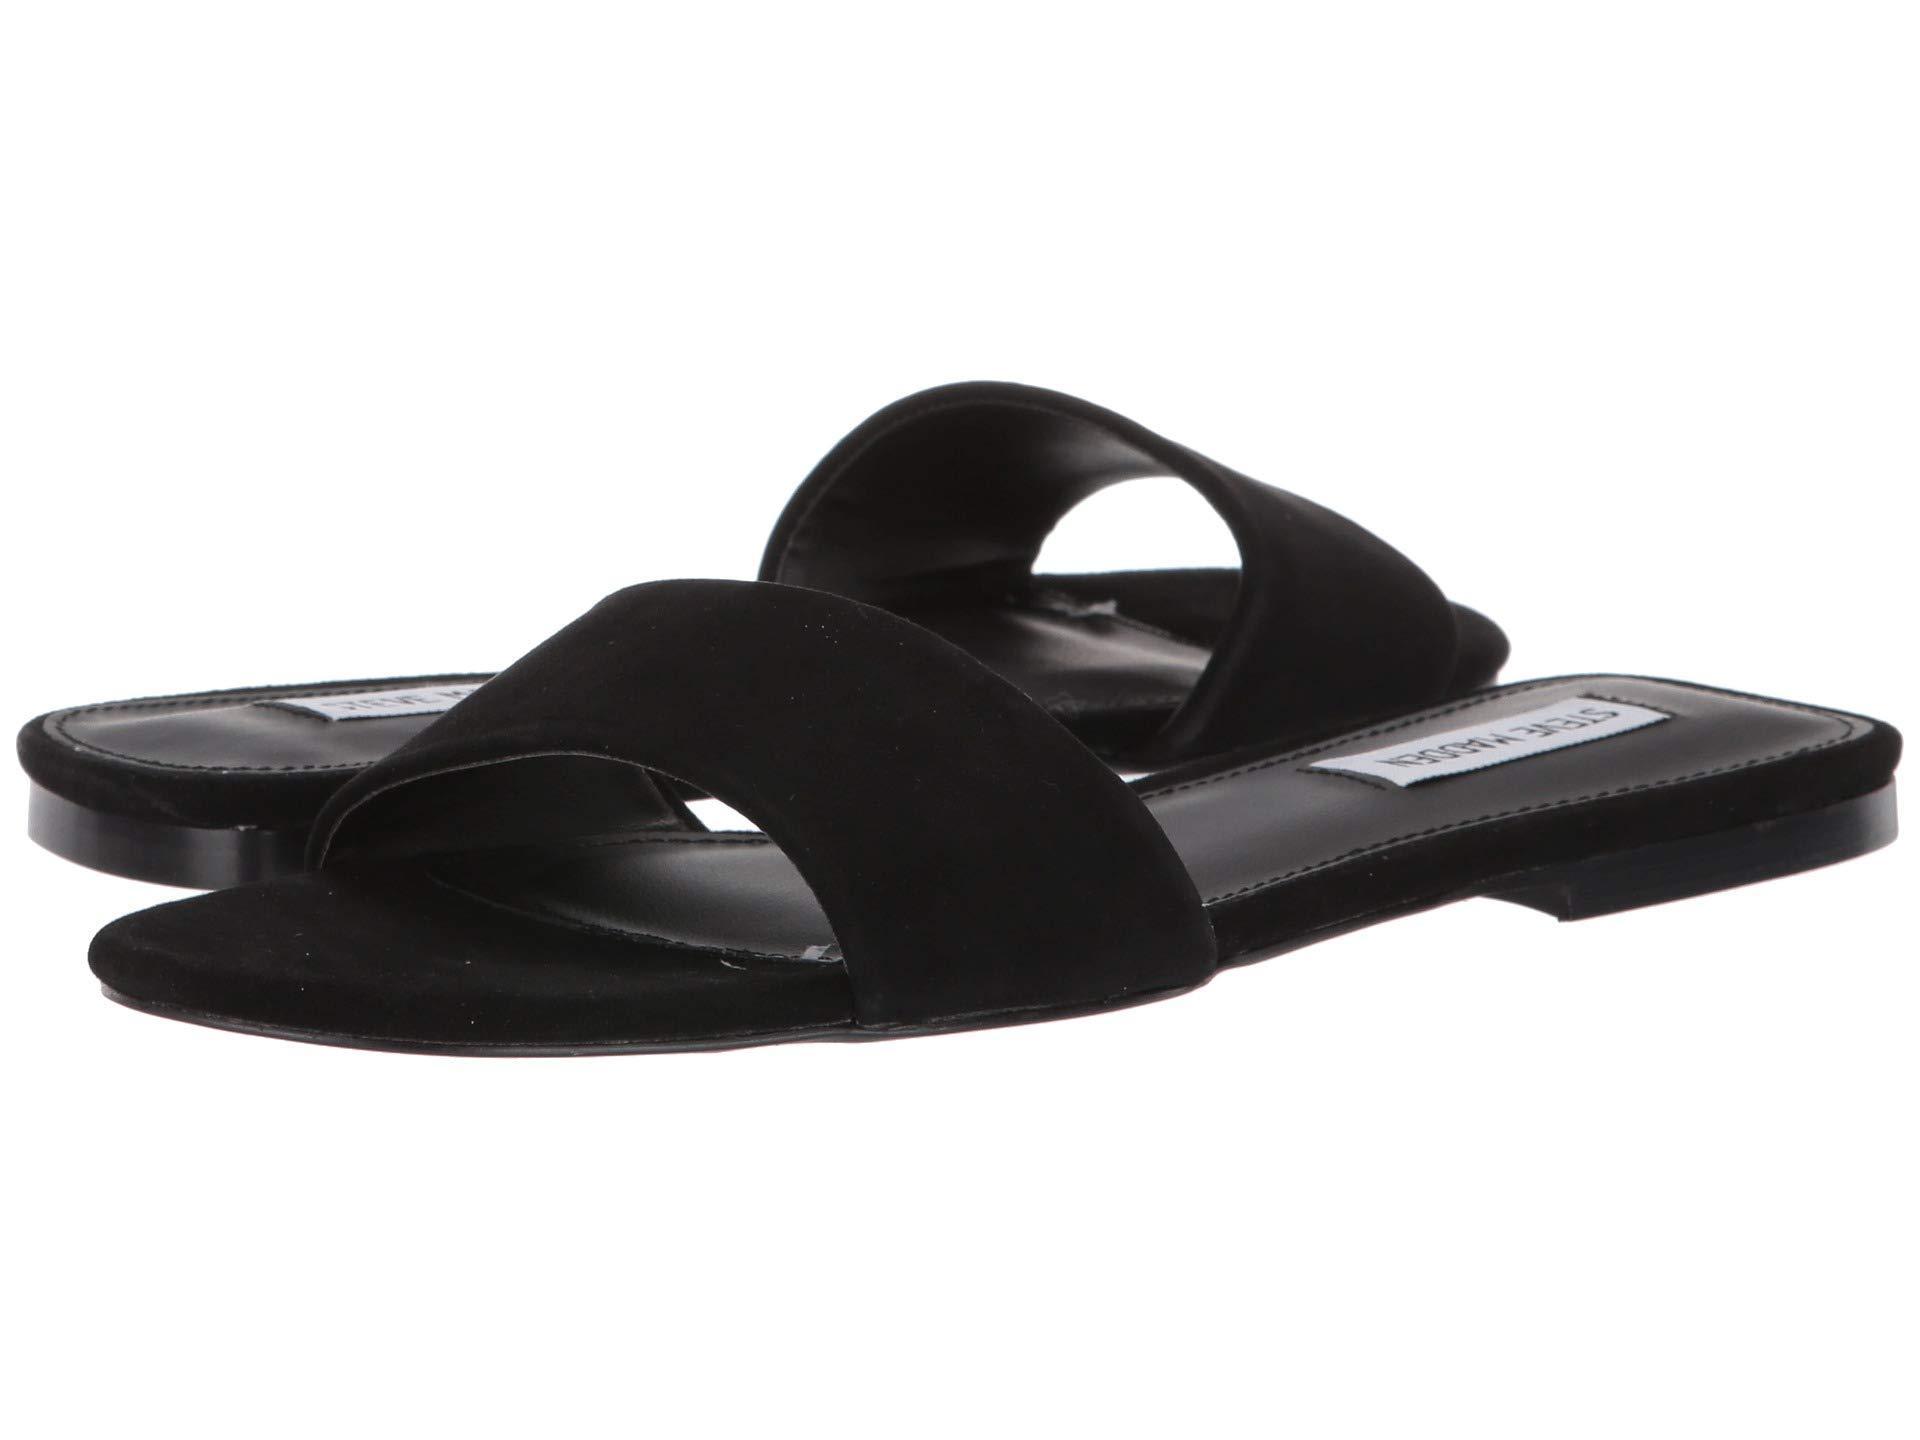 5d3096c5f7 Lyst - Steve Madden Bev Flat Sandal (leopard) Women's Shoes in Black